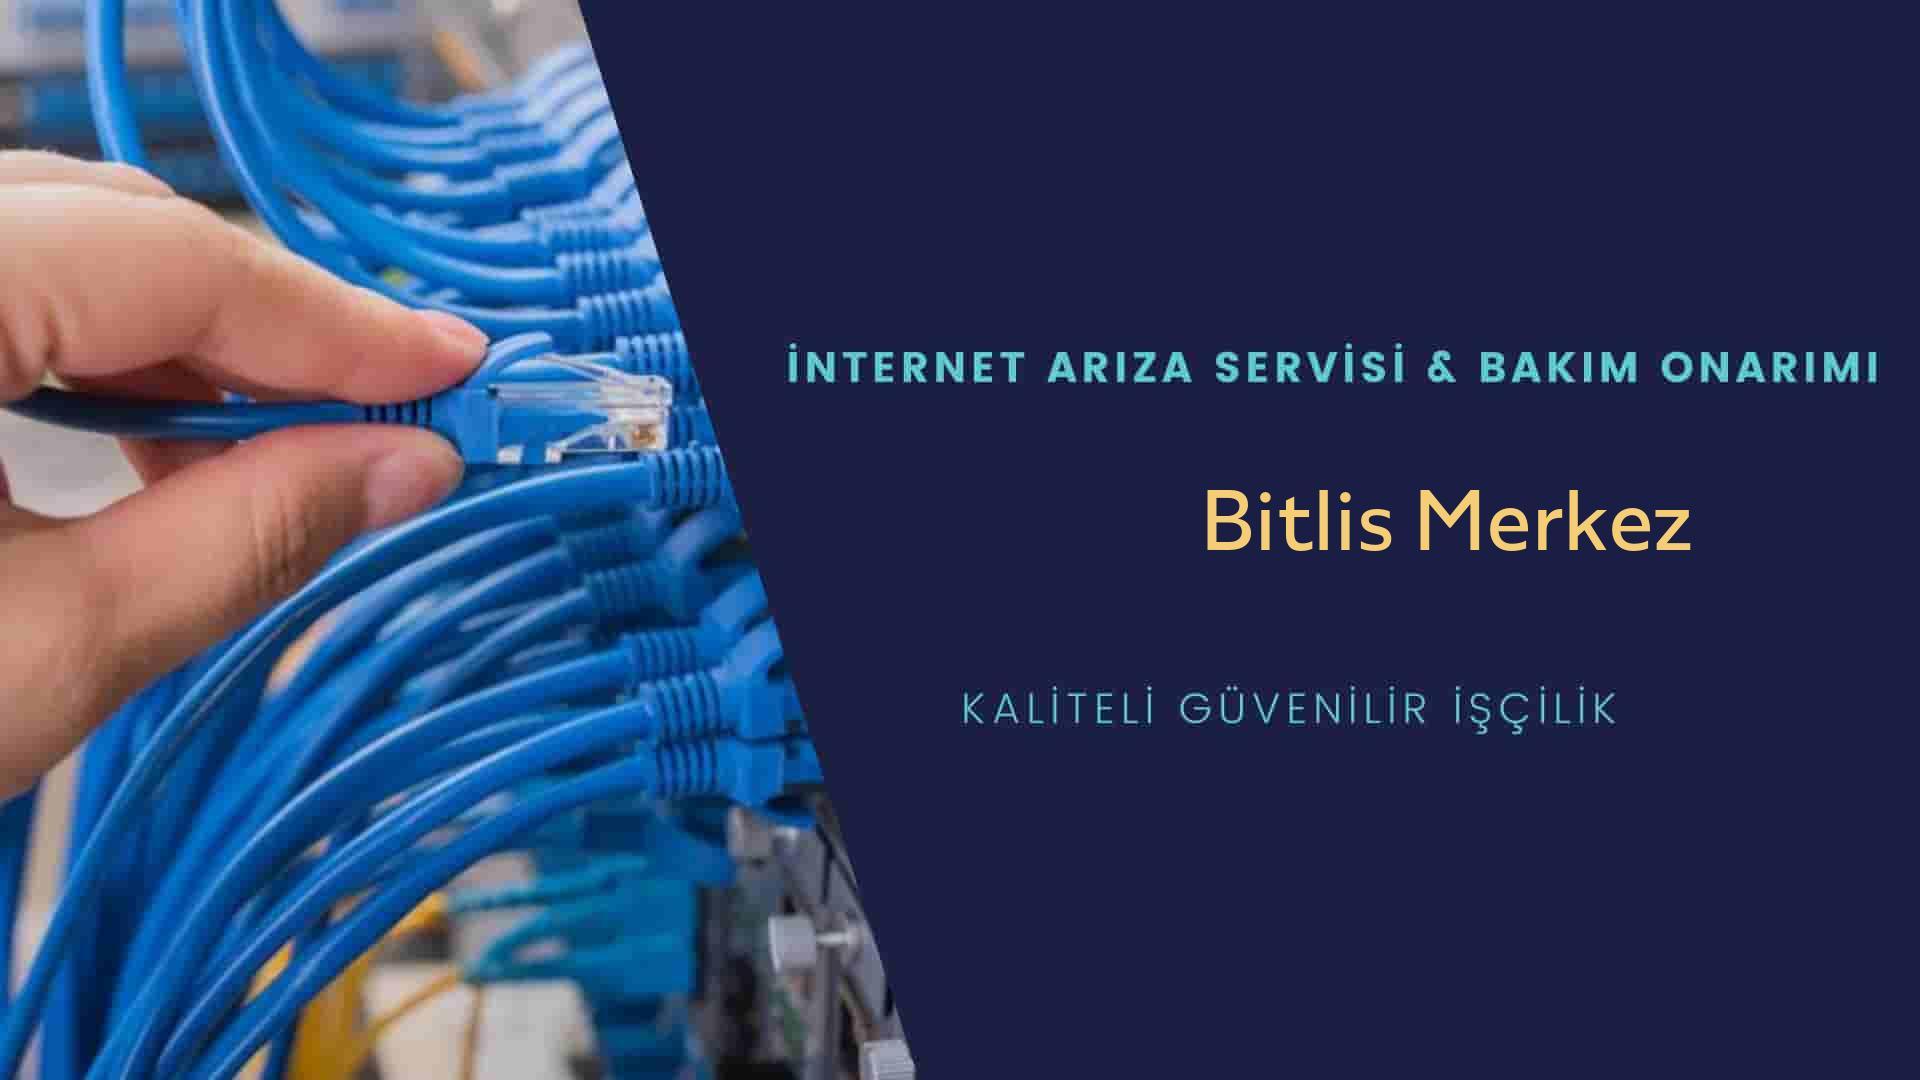 Bitlis Merkez internet kablosu çekimi yapan yerler veya elektrikçiler mi? arıyorsunuz doğru yerdesiniz o zaman sizlere 7/24 yardımcı olacak profesyonel ustalarımız bir telefon kadar yakındır size.